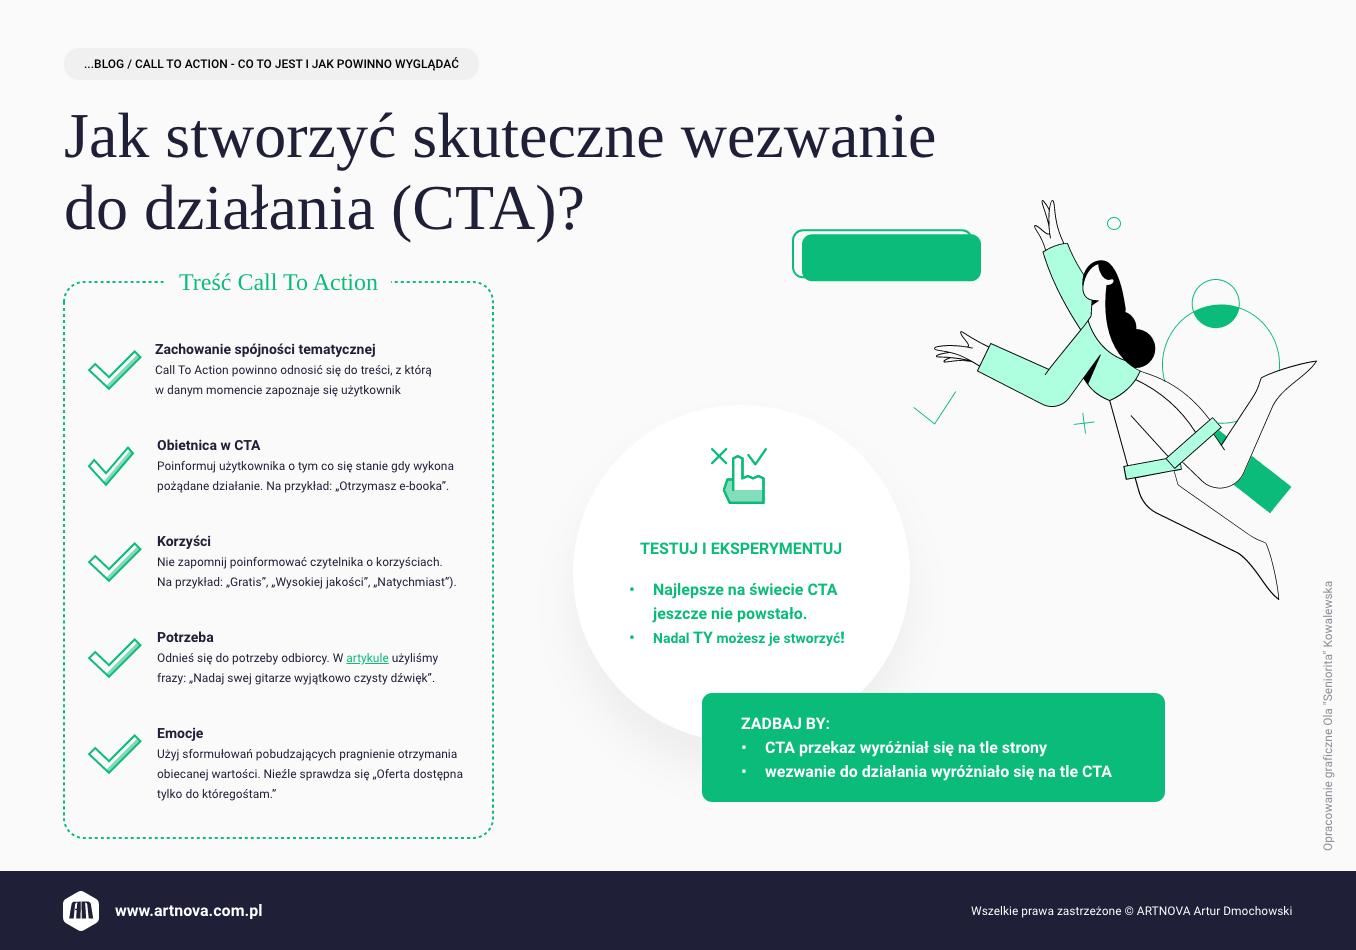 infografika: Jak stworzyć skuteczne Call To Action (CTA)